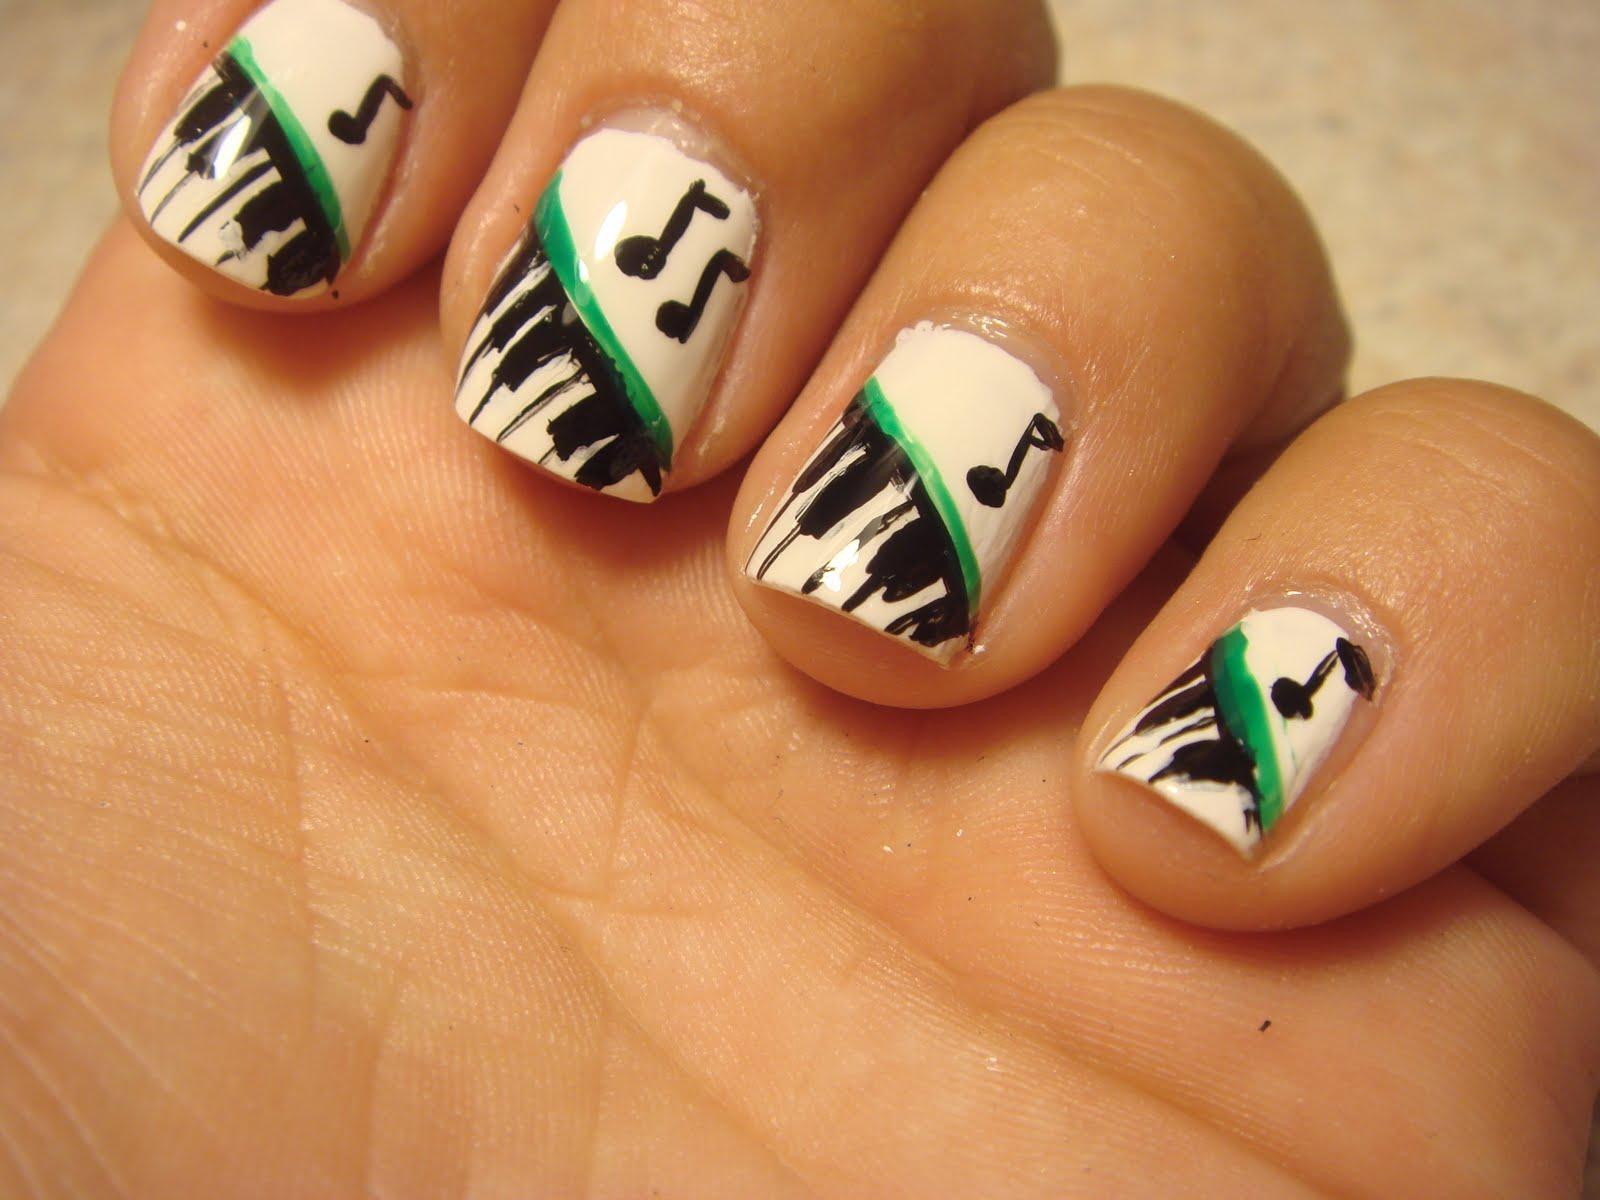 All Nail And Cosmetics Piano Key Nails